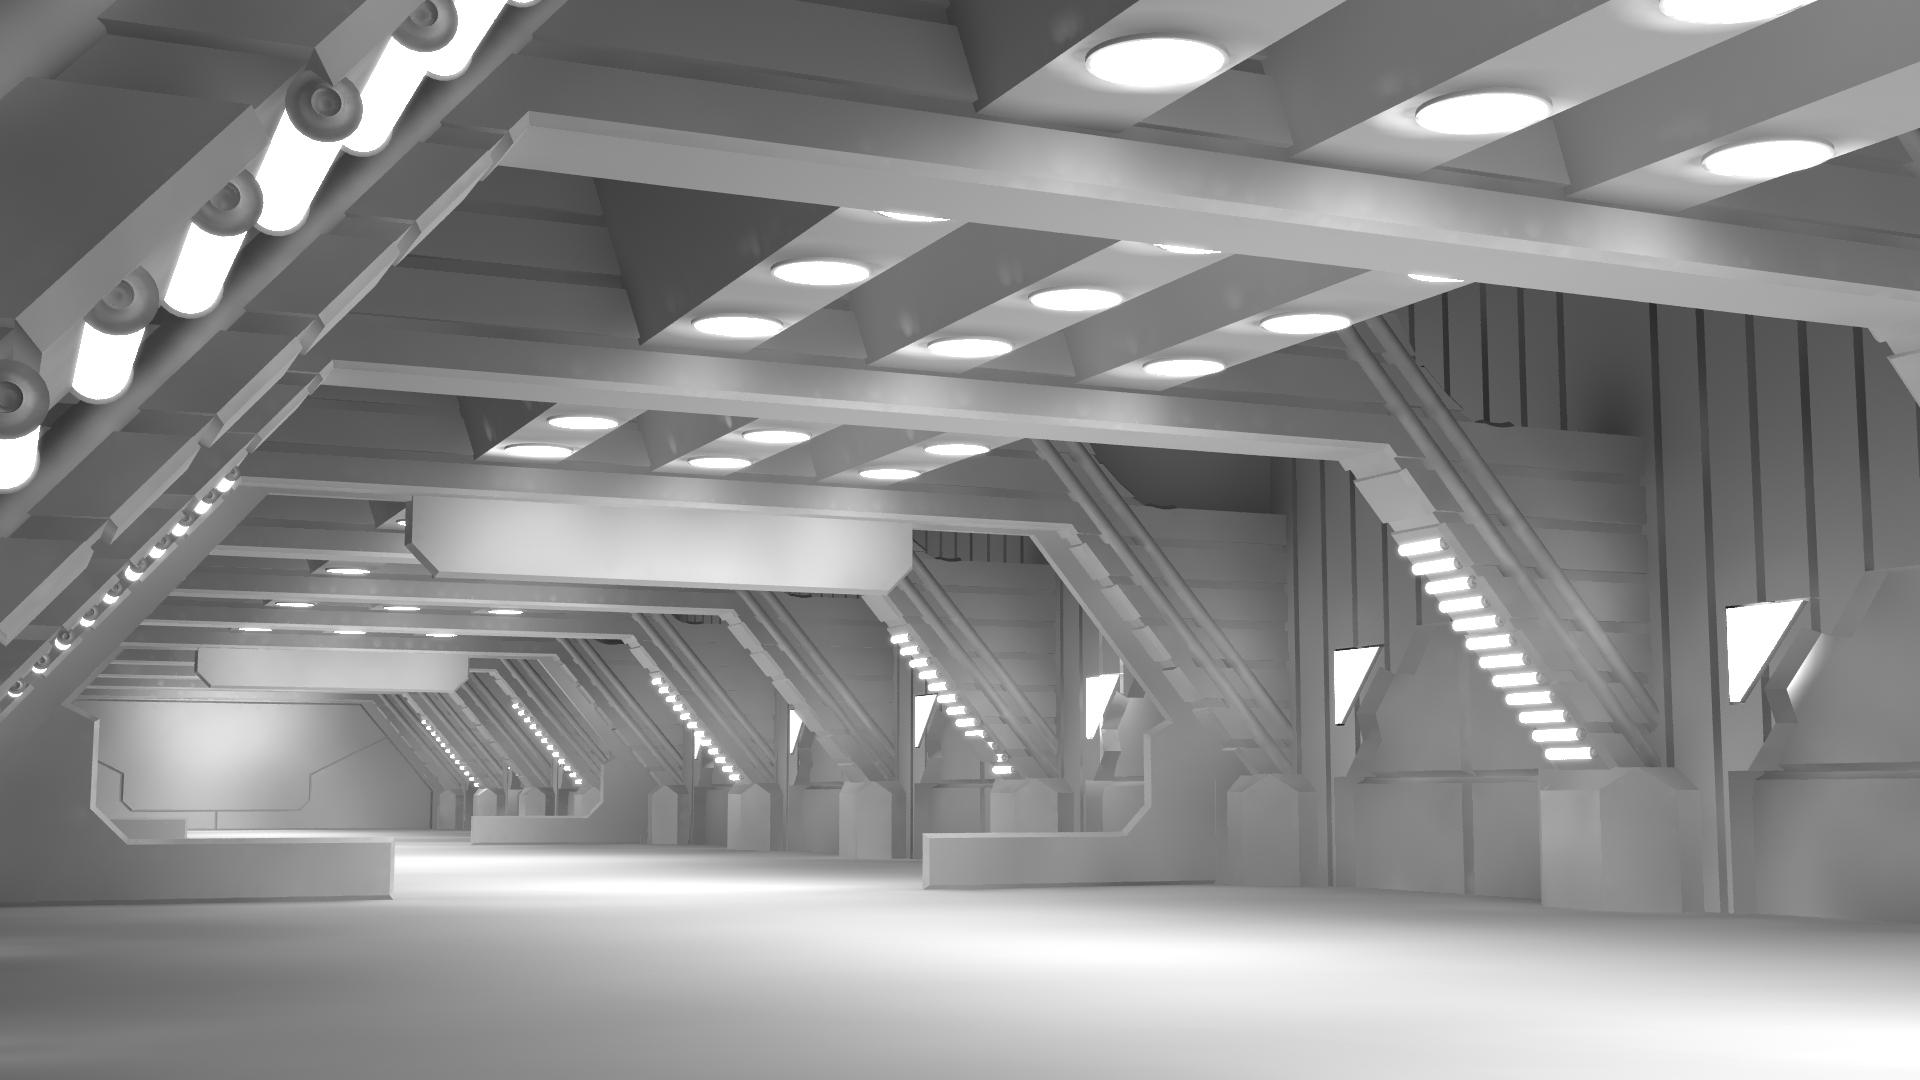 bsg hangar amb rad - photo #1